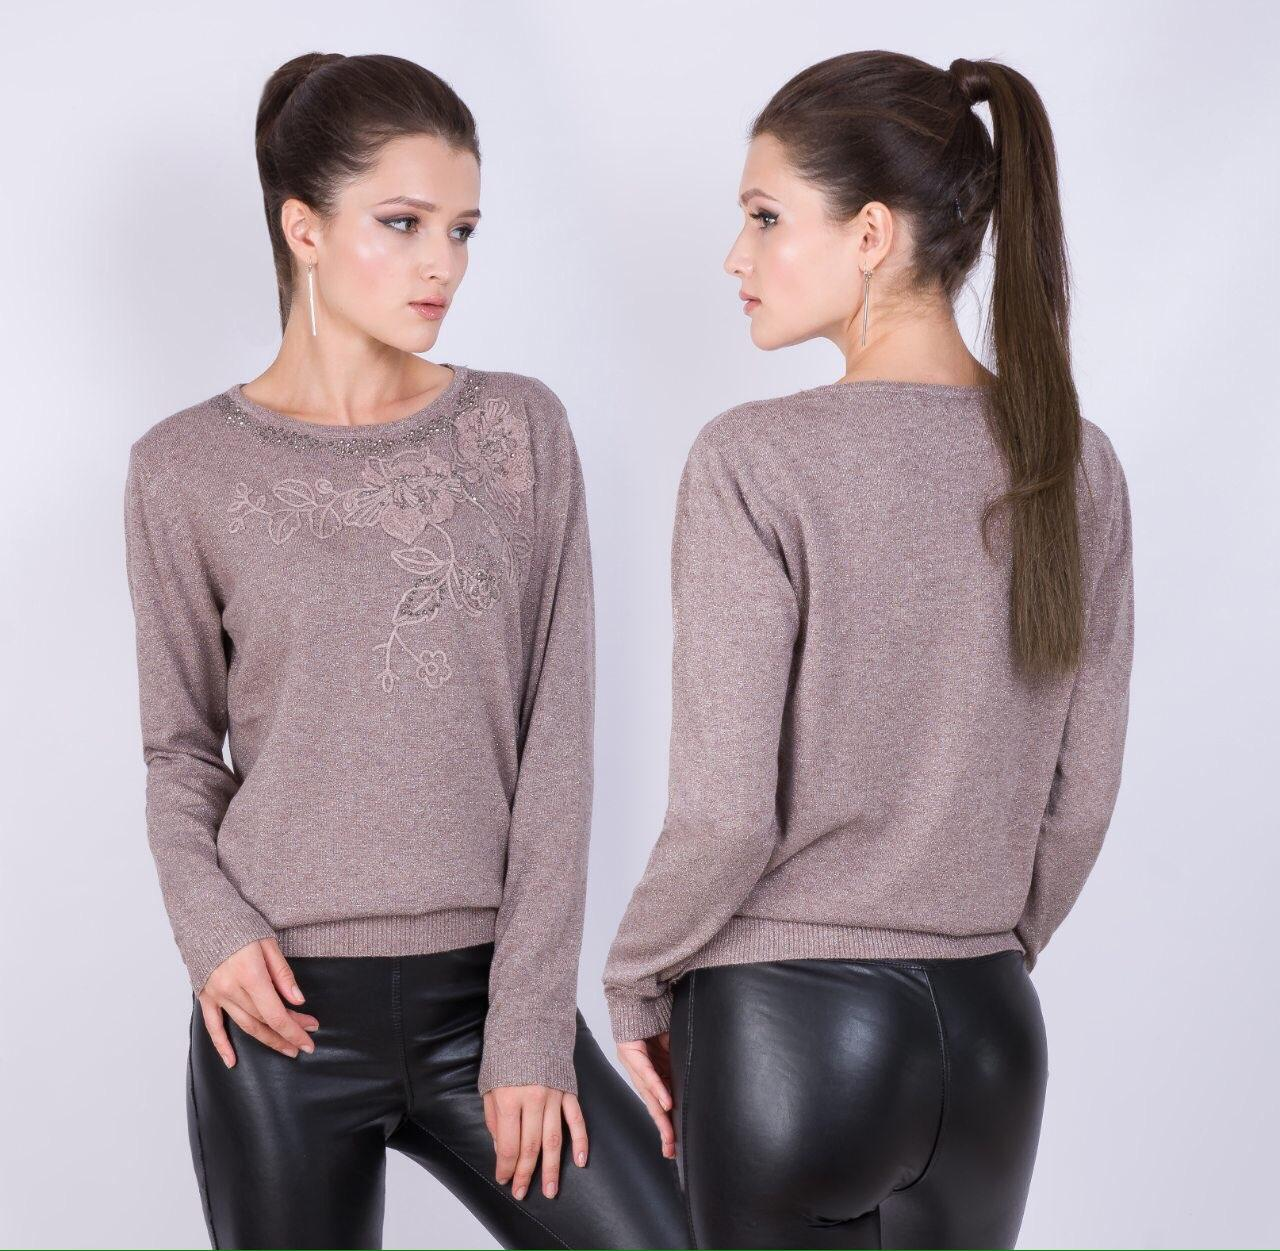 Нарядный свитер с трикотажными розами 46-48 (в расцветках)